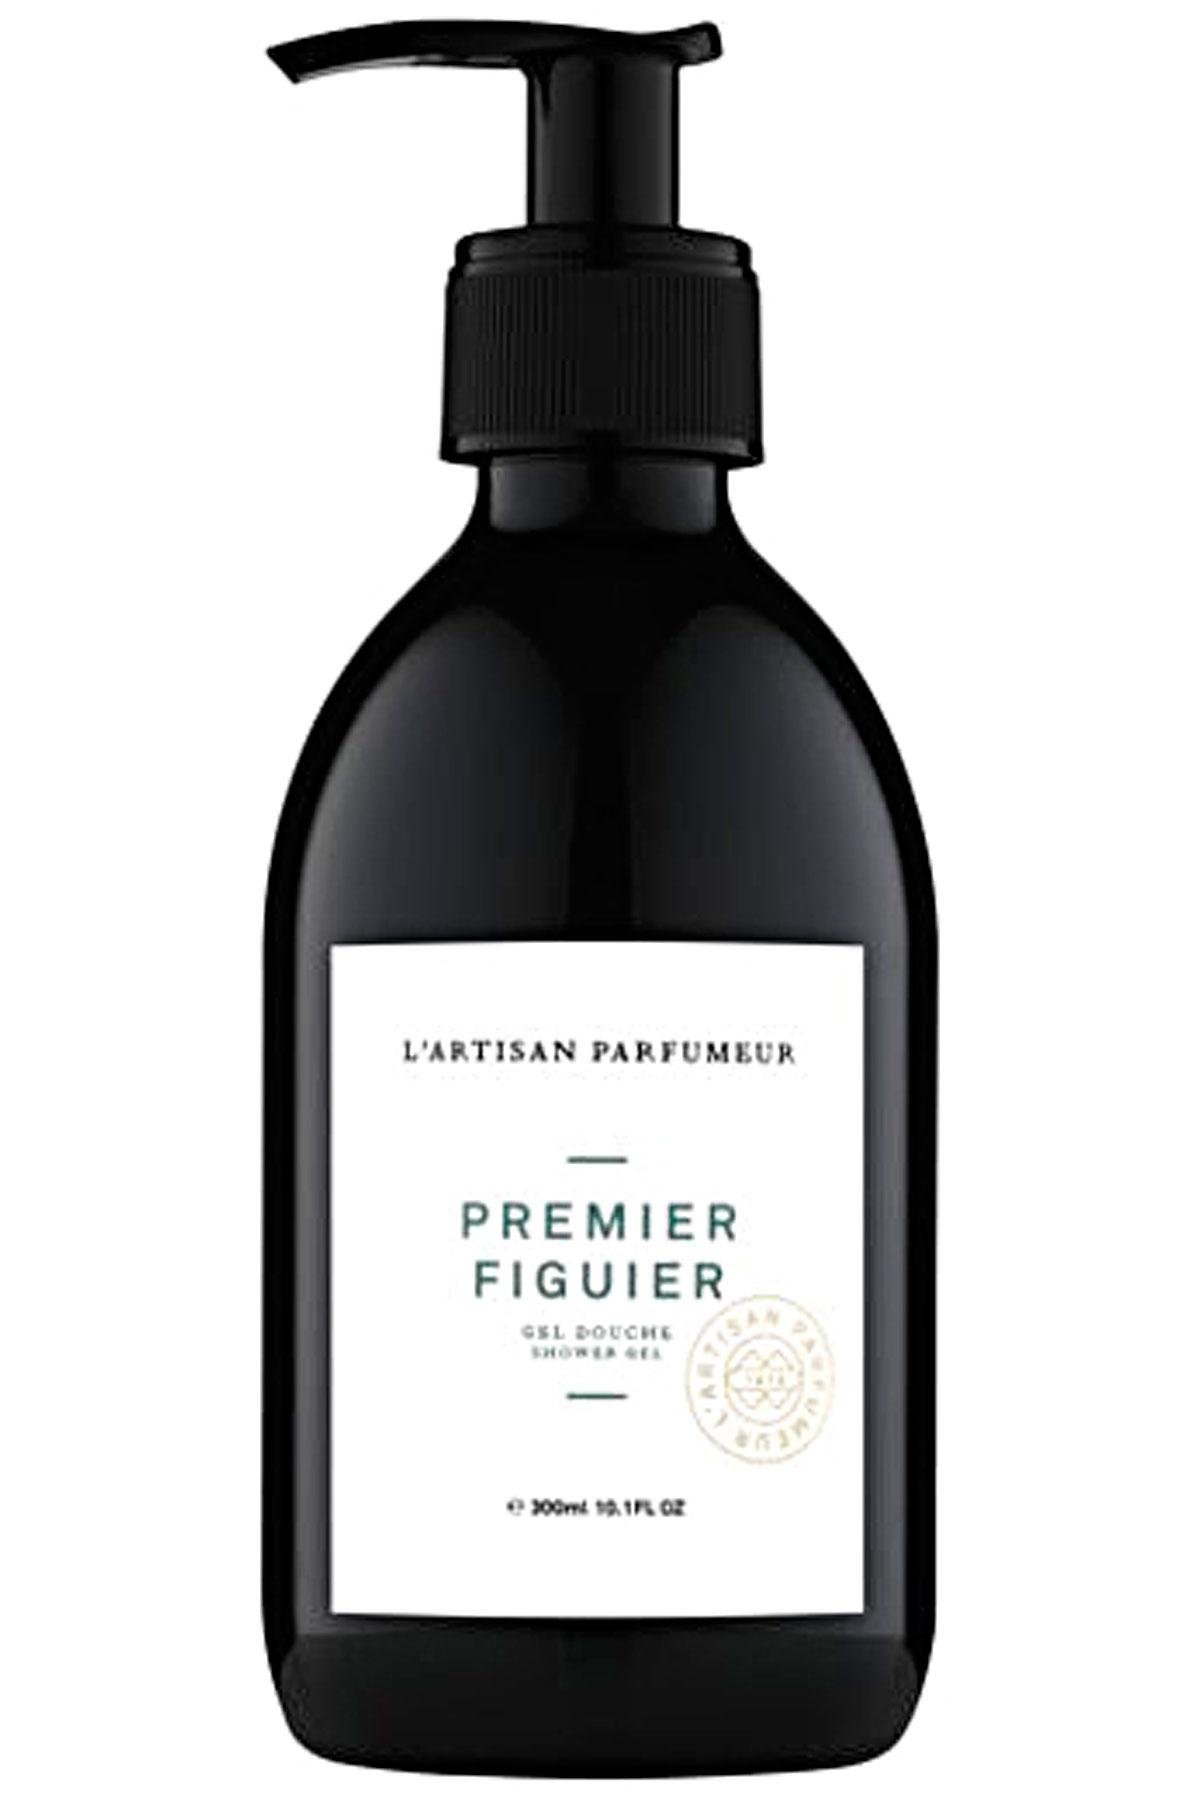 Artisan Parfumeur Beauty for Women, Premier Figuier - Shower Gel - 300 Ml, 2019, 300 ml